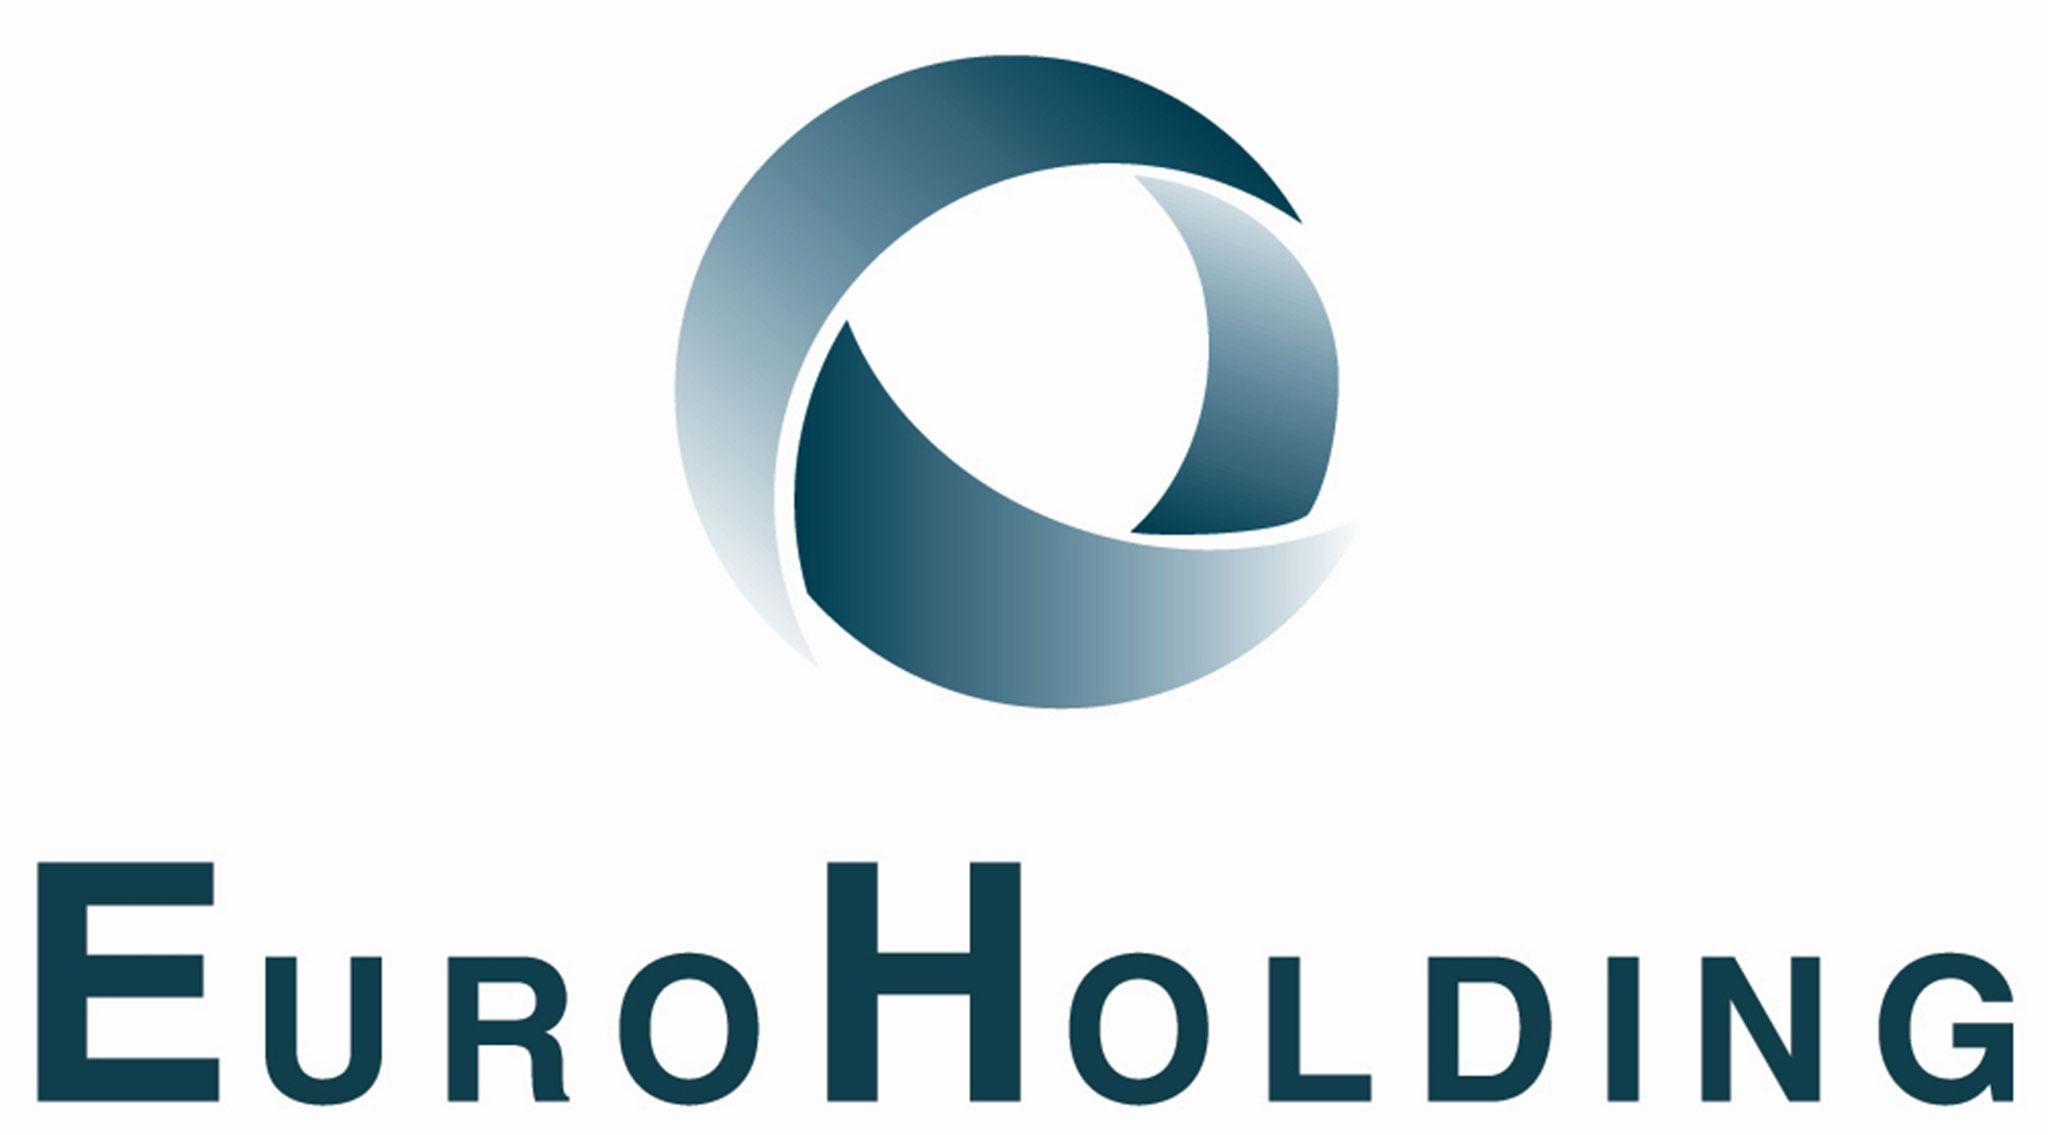 logotip Euroholding